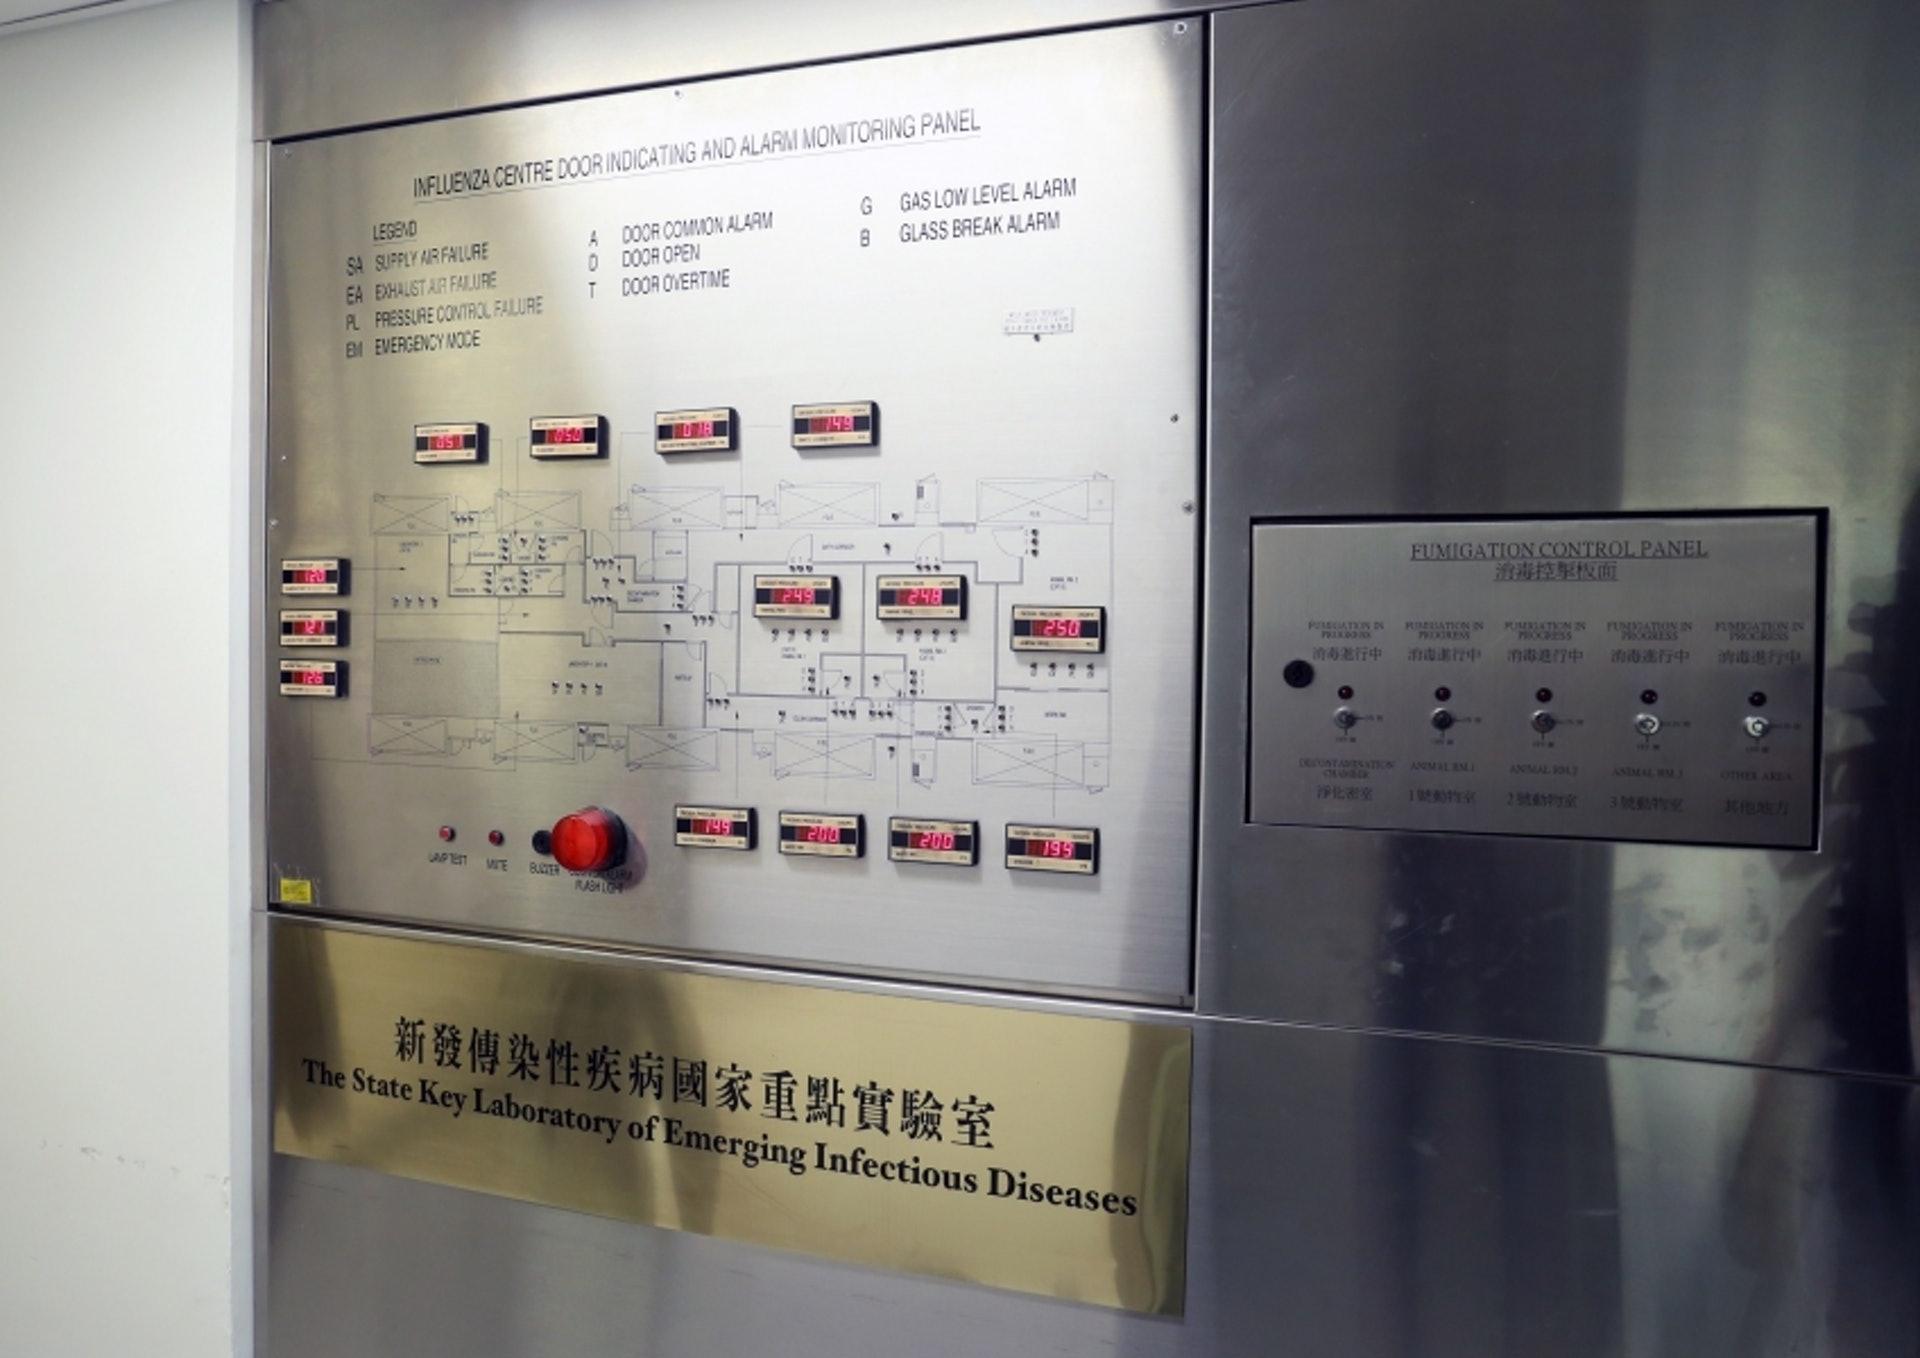 香港大學新發傳染病國家重點實驗室,與廈門大學,北京萬泰生物合作研發新冠疫苗。(香港大學供圖)